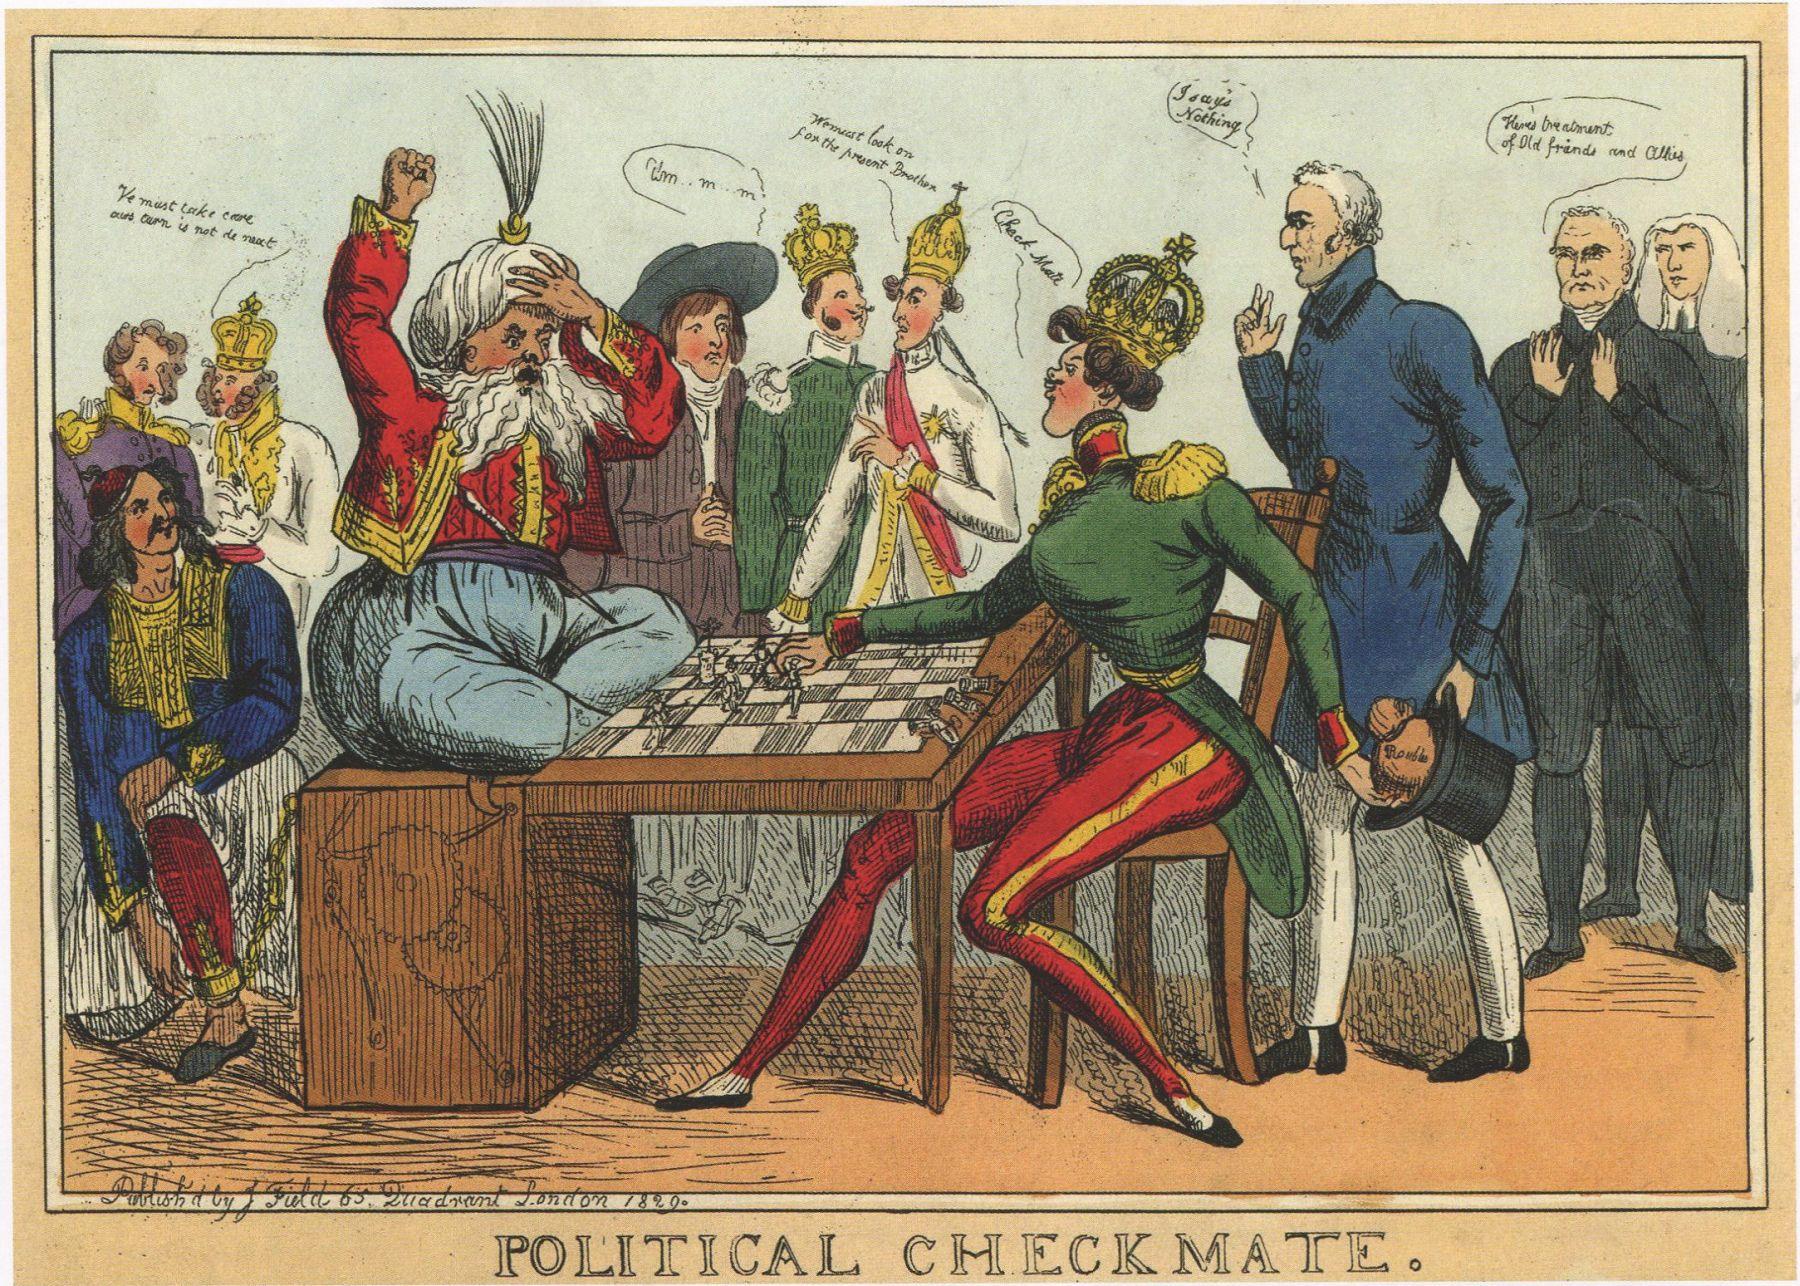 Уильям Хит. Политический шах и мат. Сентябрь 1829 г.